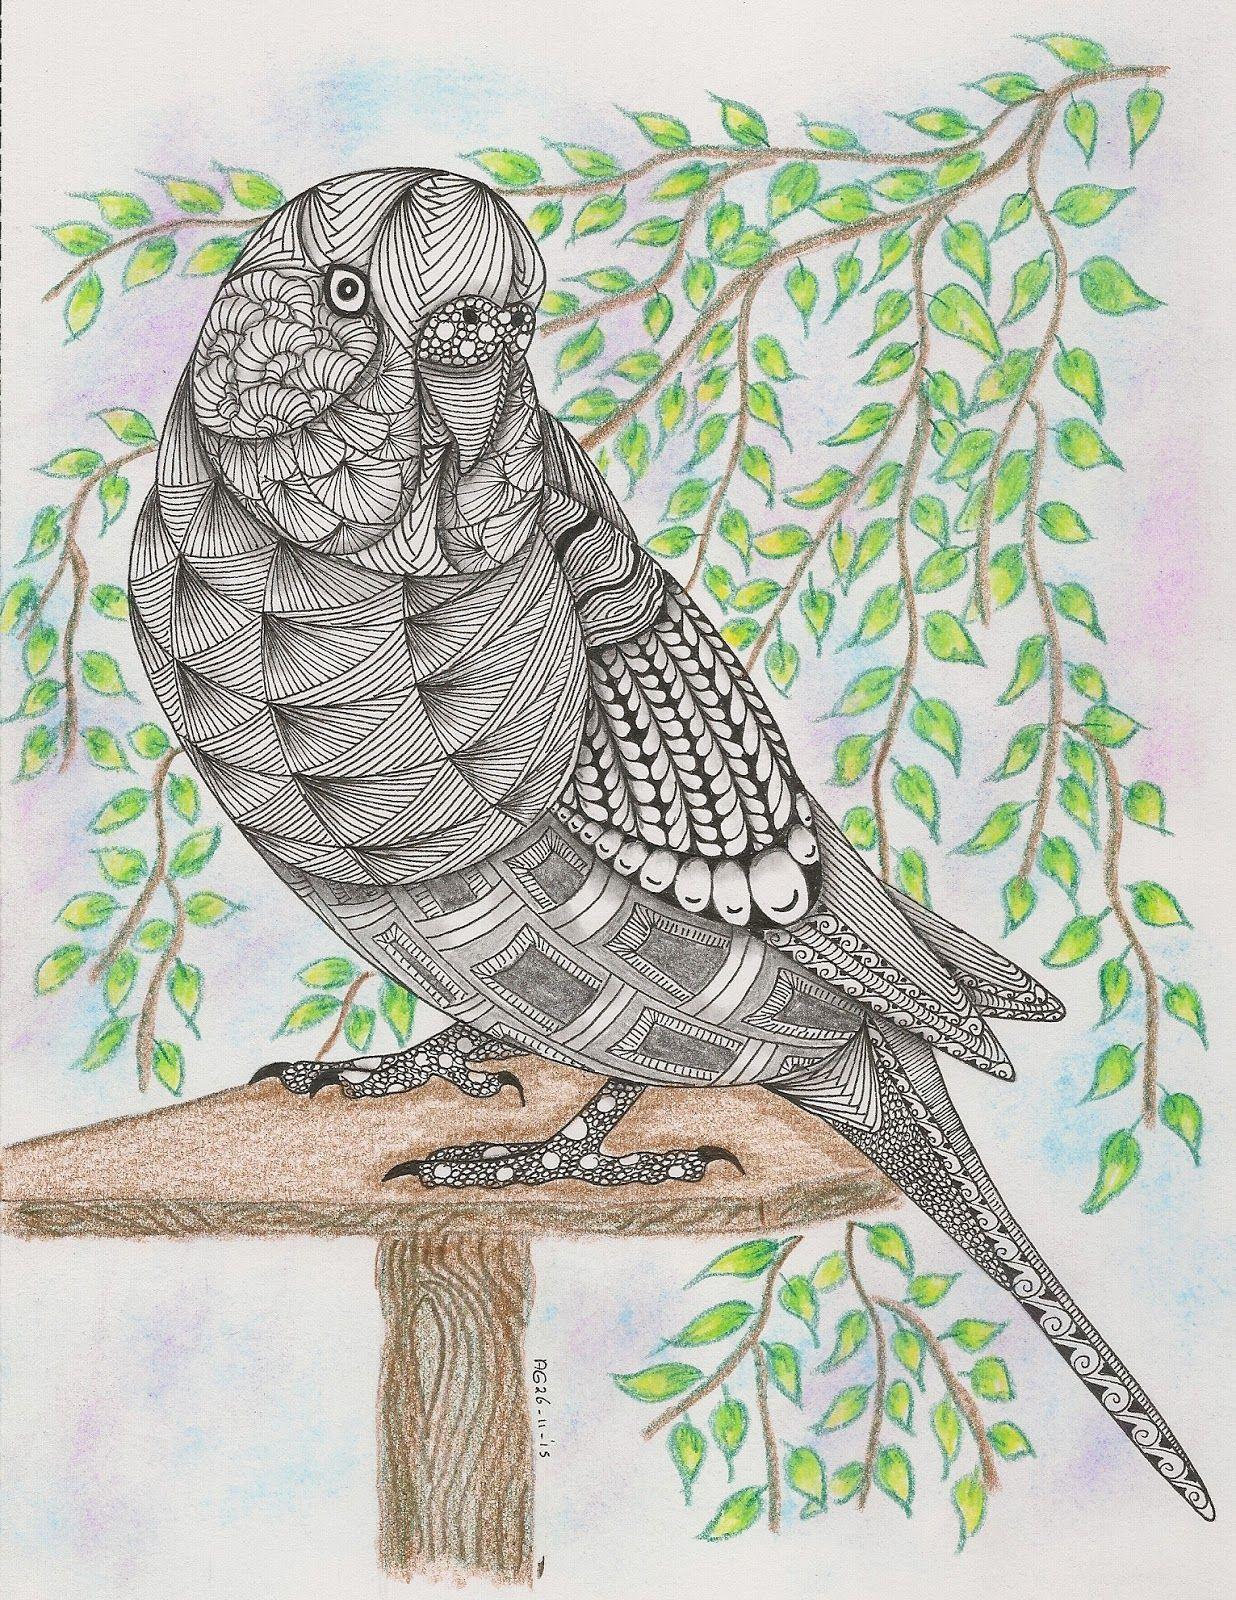 147 Parakeet Jpg 1 236 1 600 Pixels Zentangle Kunst Vogel Kunst Parkiet